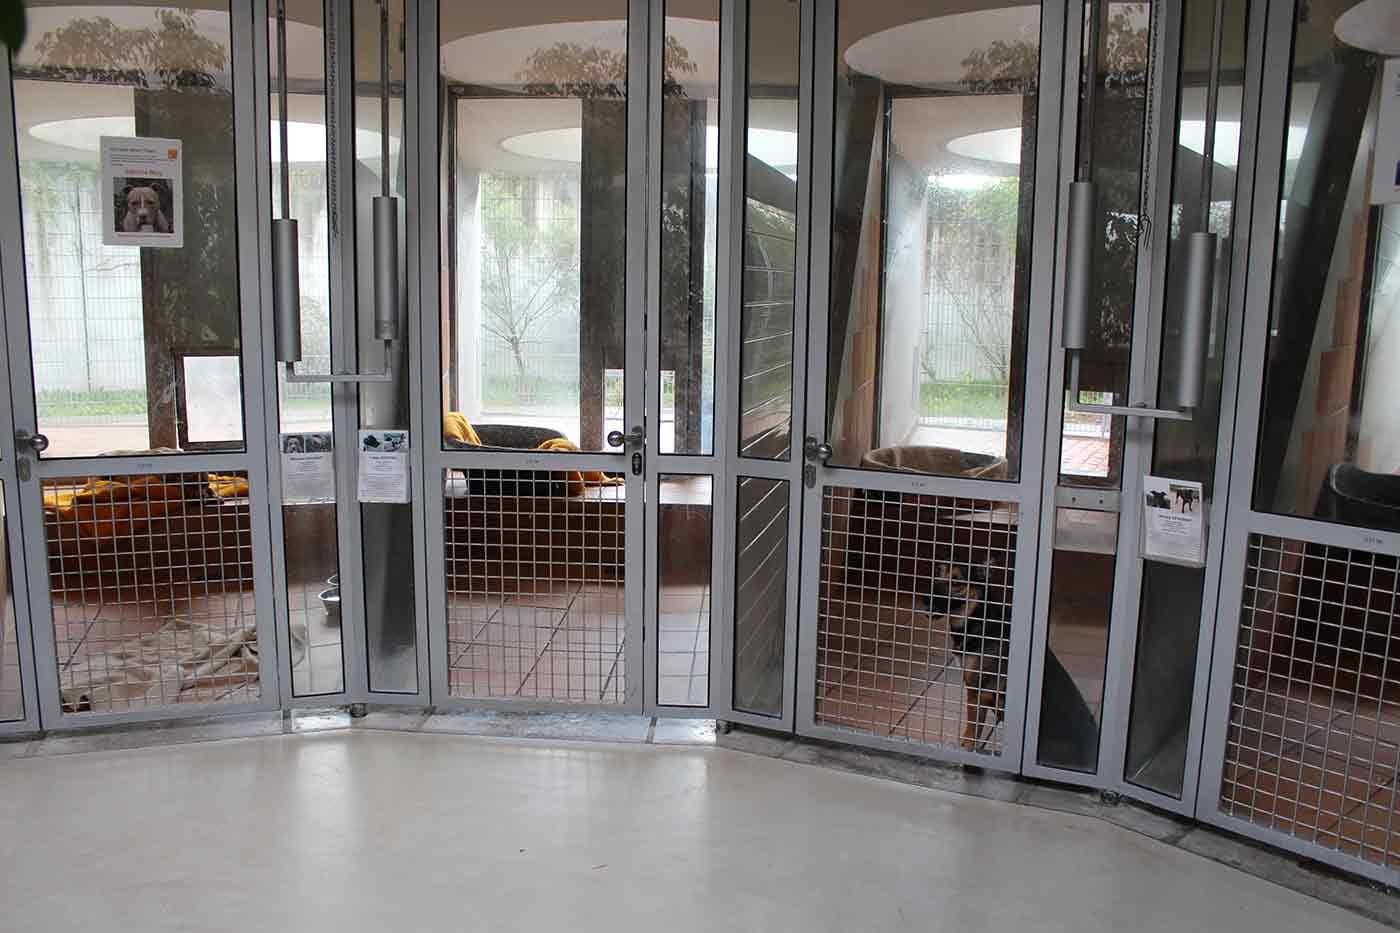 ティアハイム・ベルリンの犬舎の様子